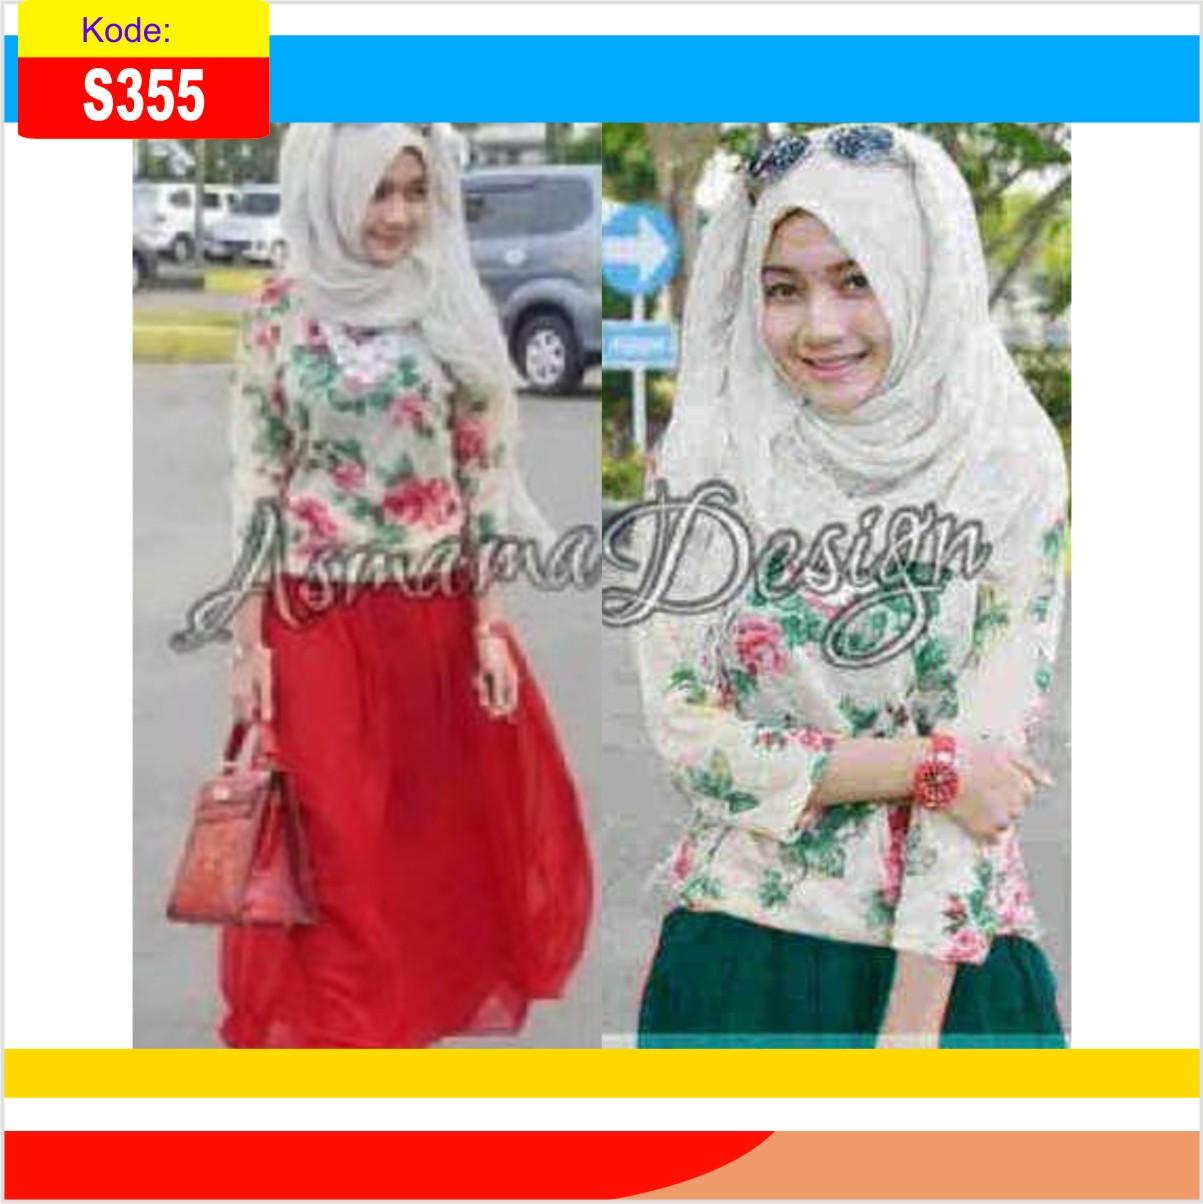 Jual Baju Muslim Wanita Remaja S355 Asmama - Toko Baju Murah ... ba53c2ed1f